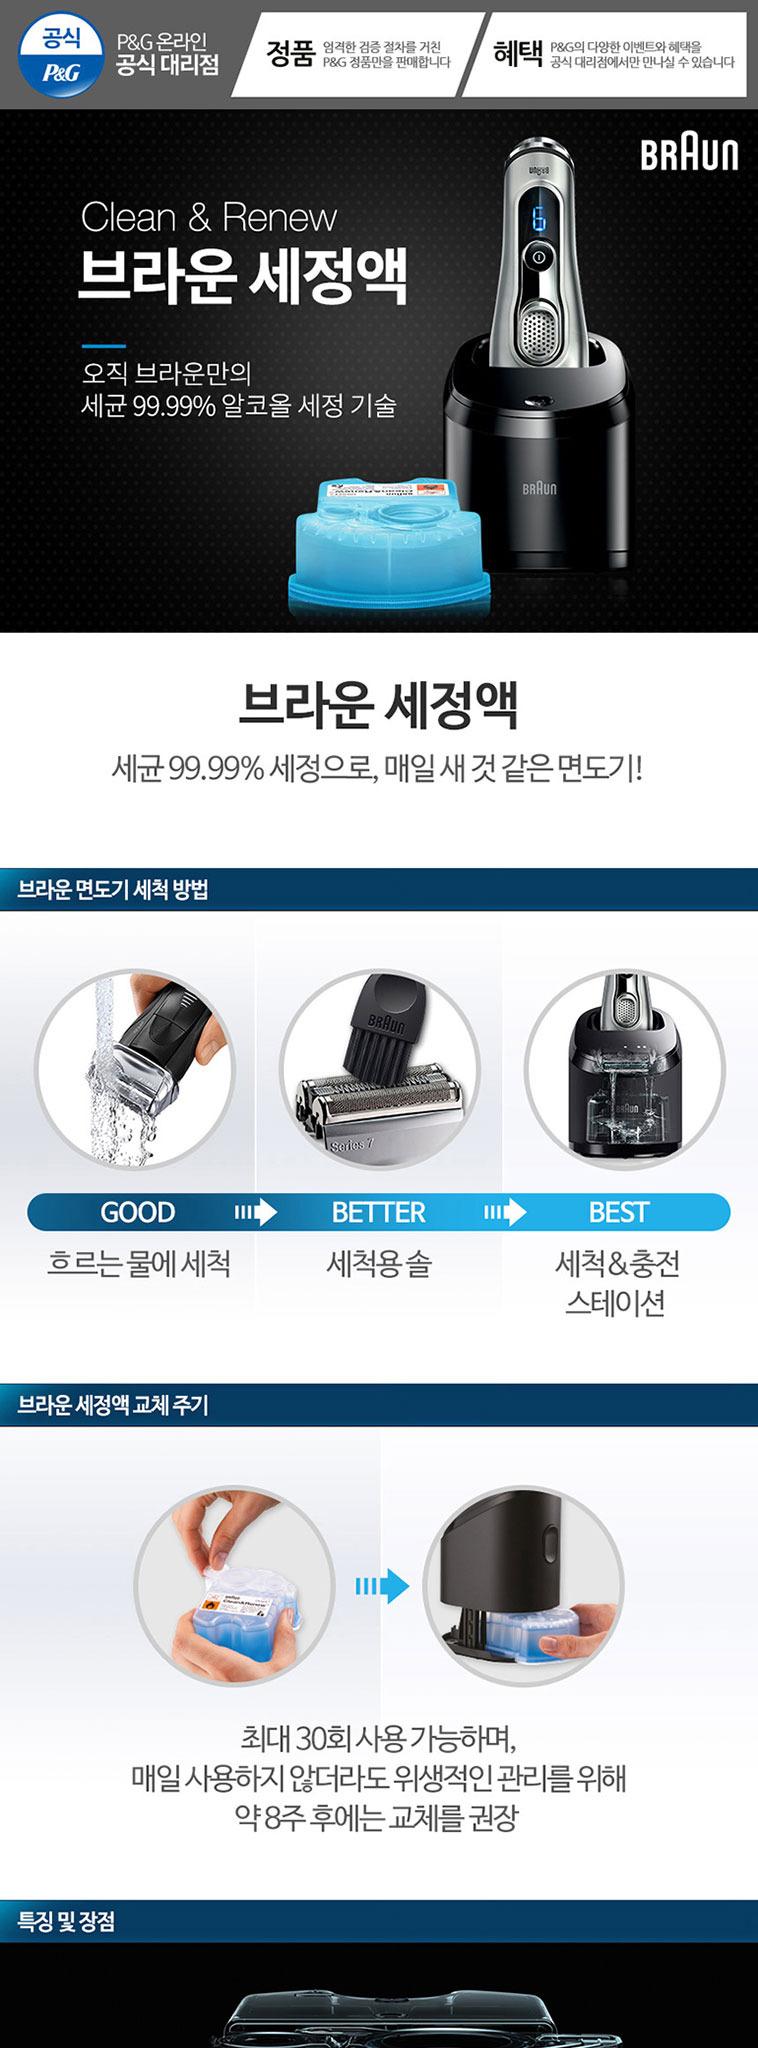 브라운 전기면도기 세정액/면도날  - 상세정보